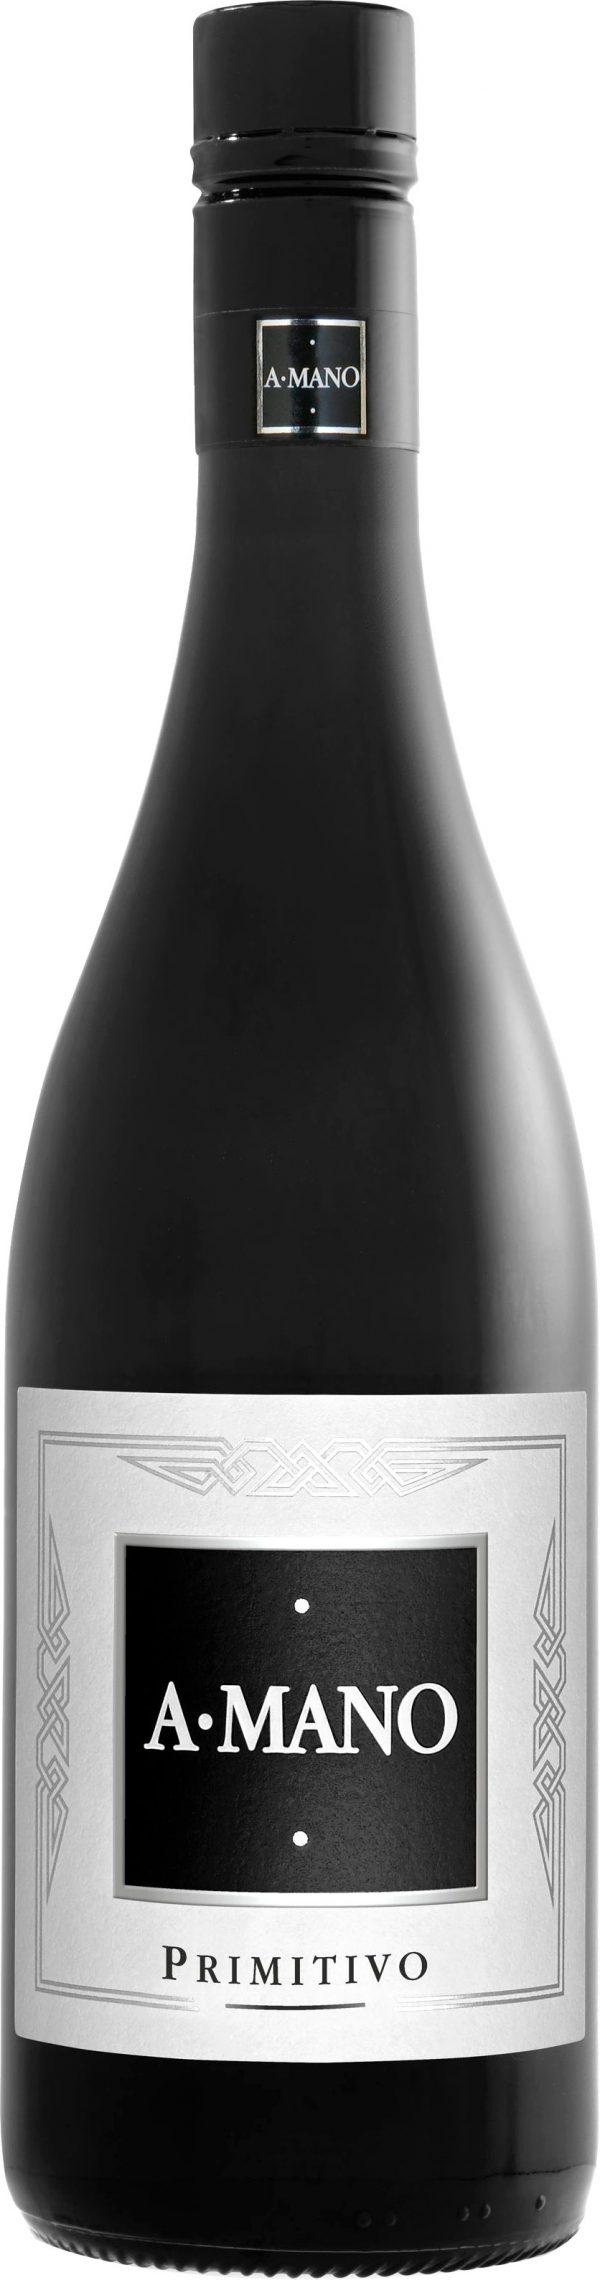 A Mano - Primitivo di Puglia 2017 75cl Bottle